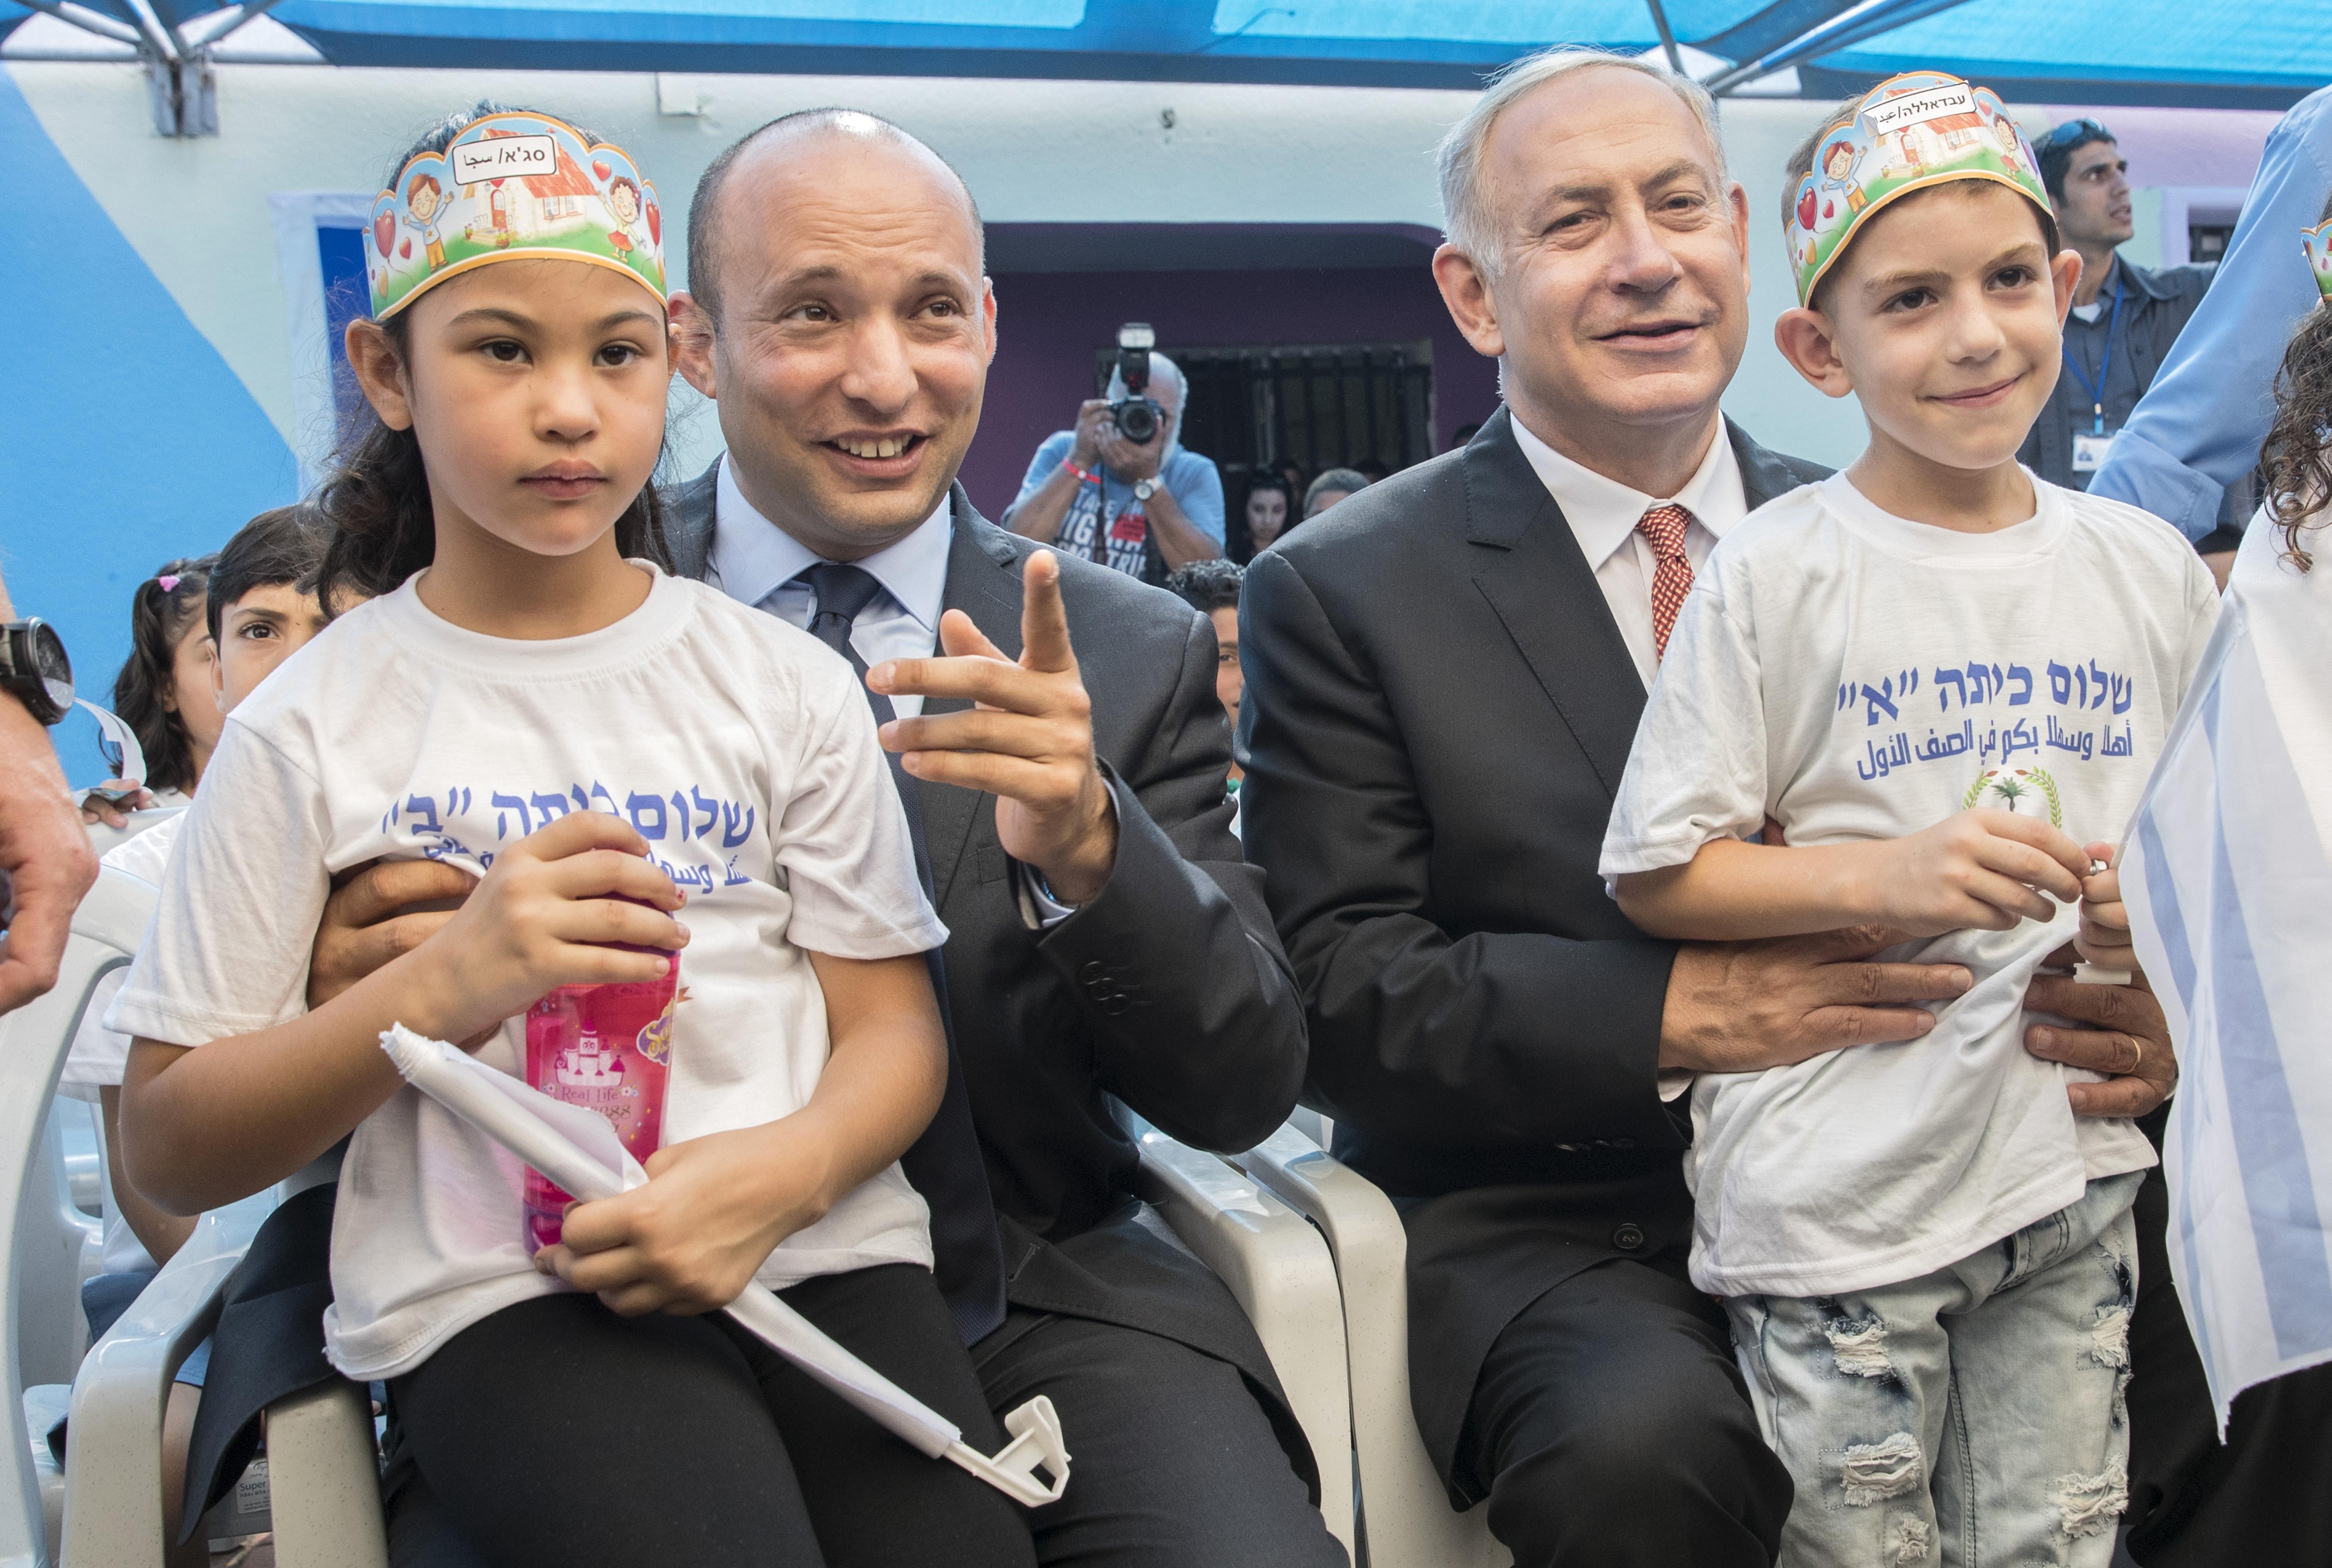 Összeáll a koalíció, ami letaszítaná Netanjahut Izrael éléről